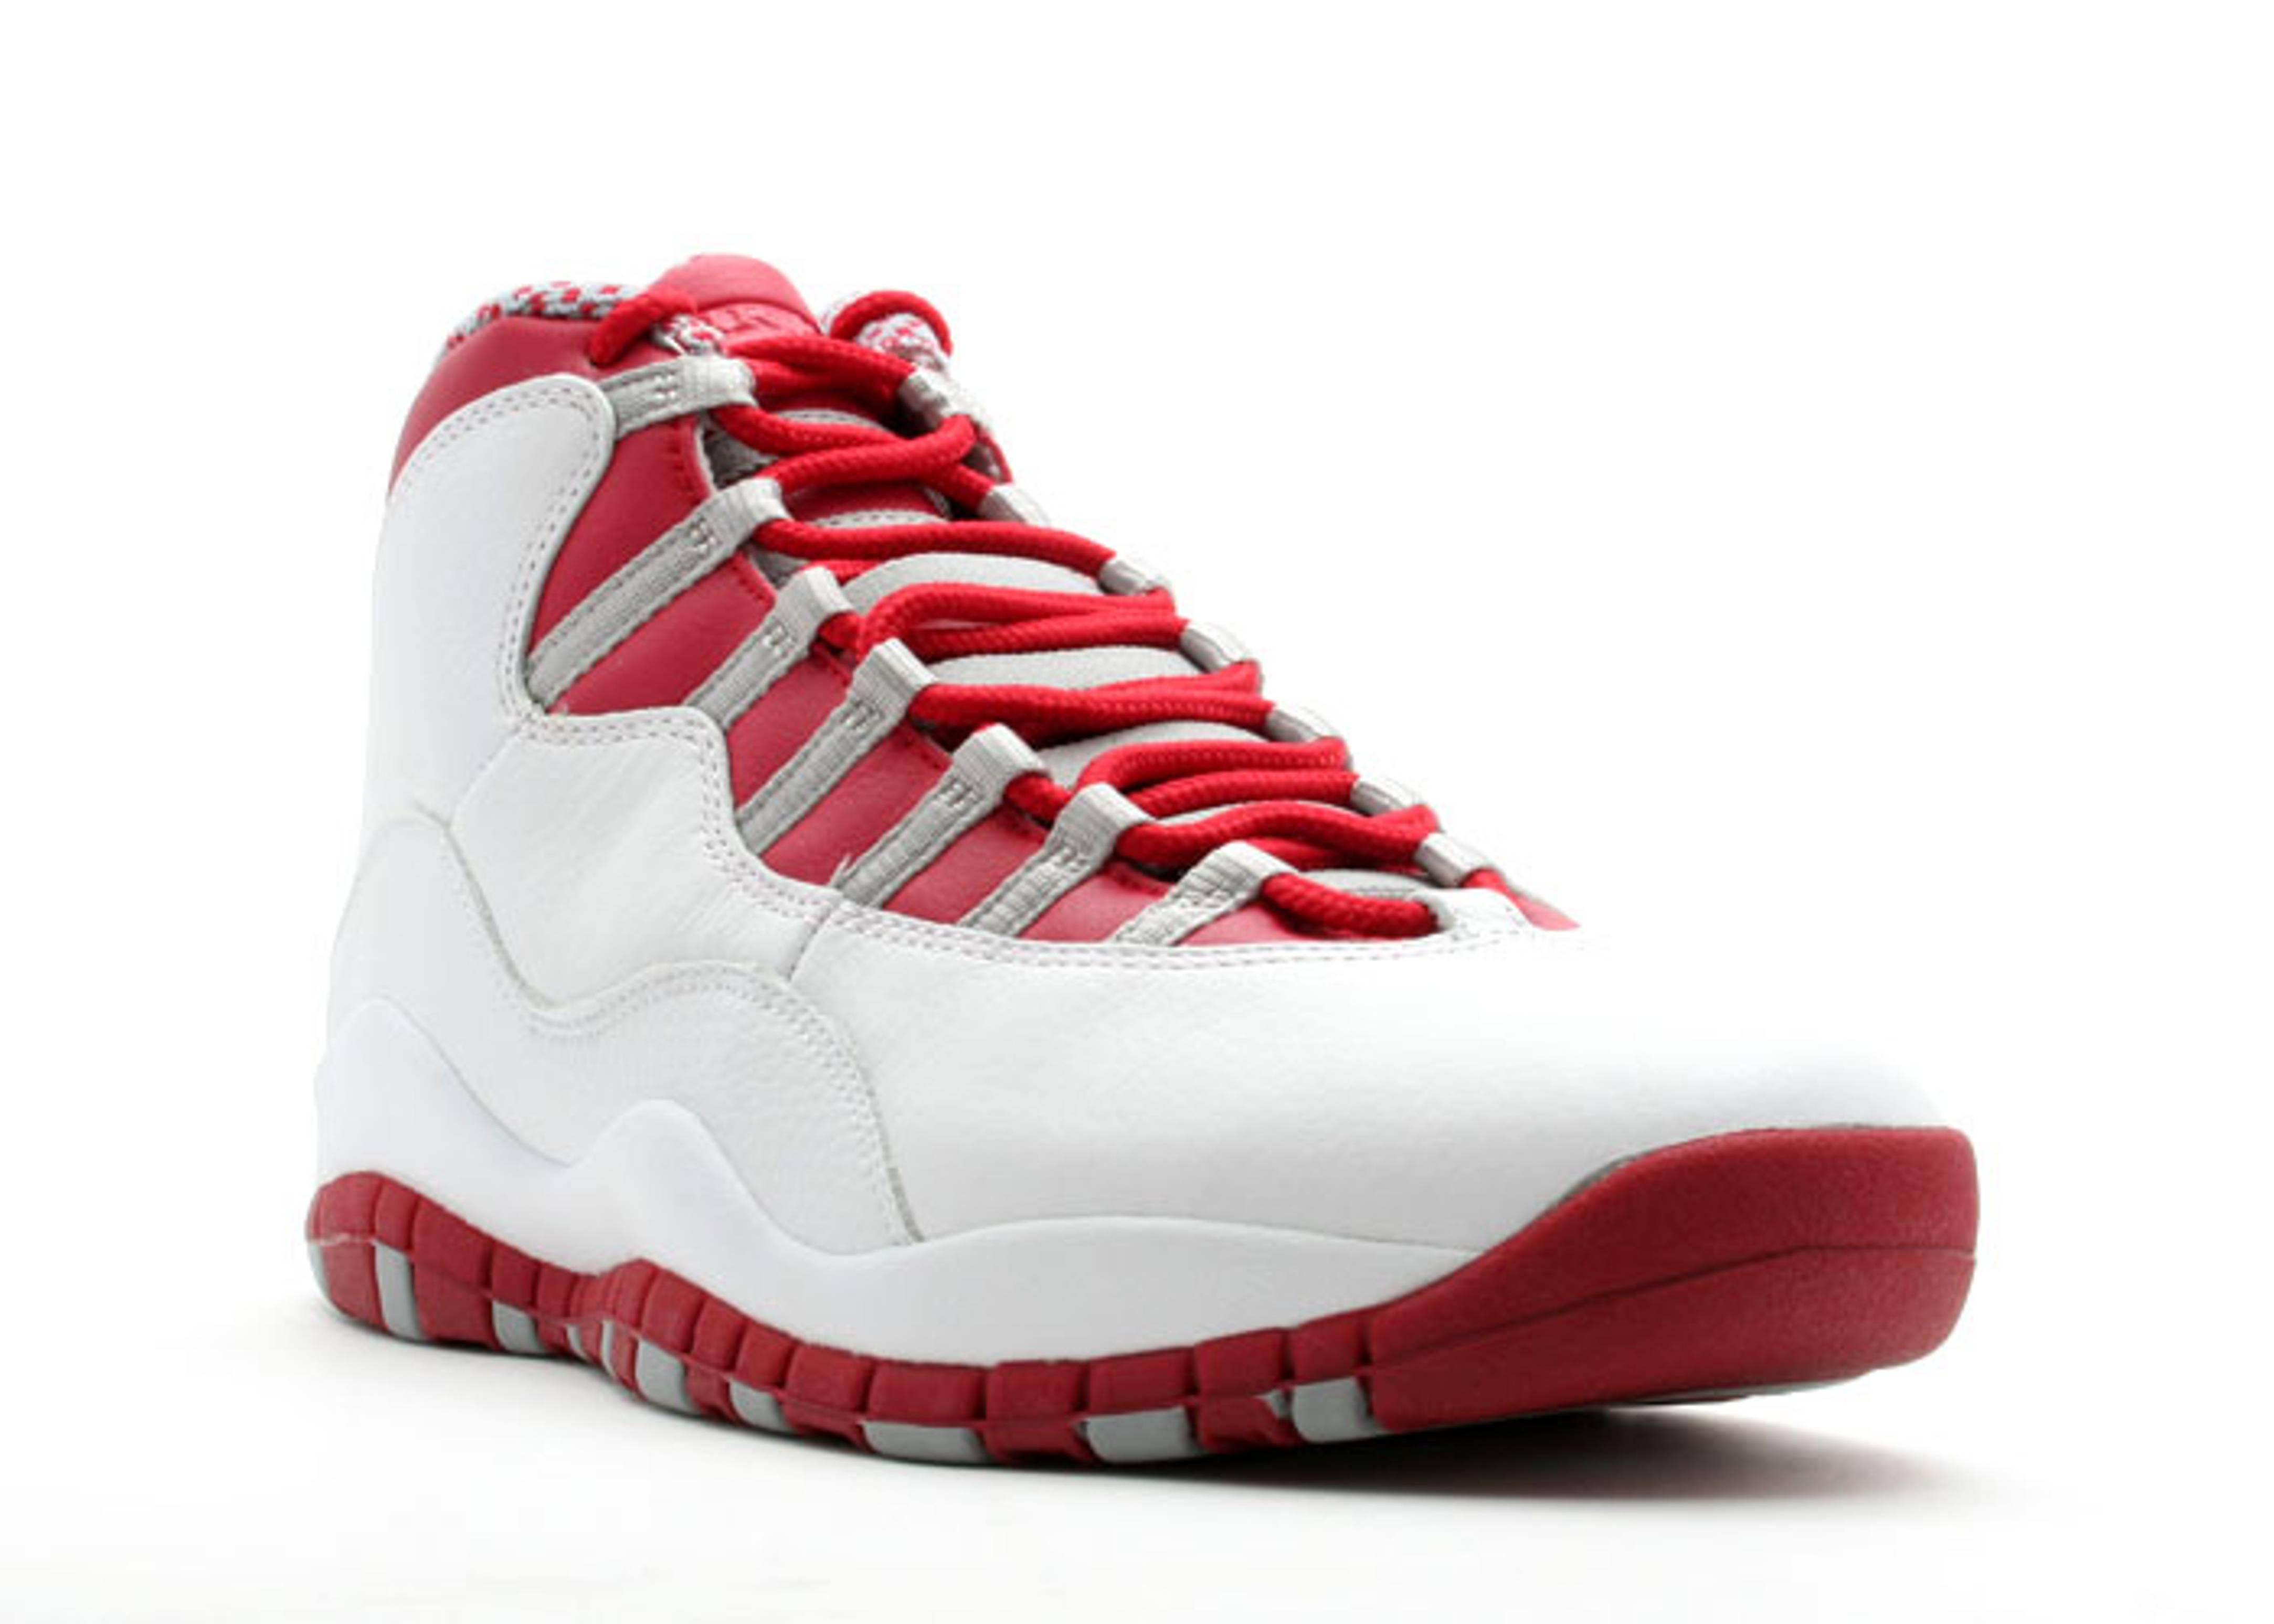 air jordan 10 red and grey